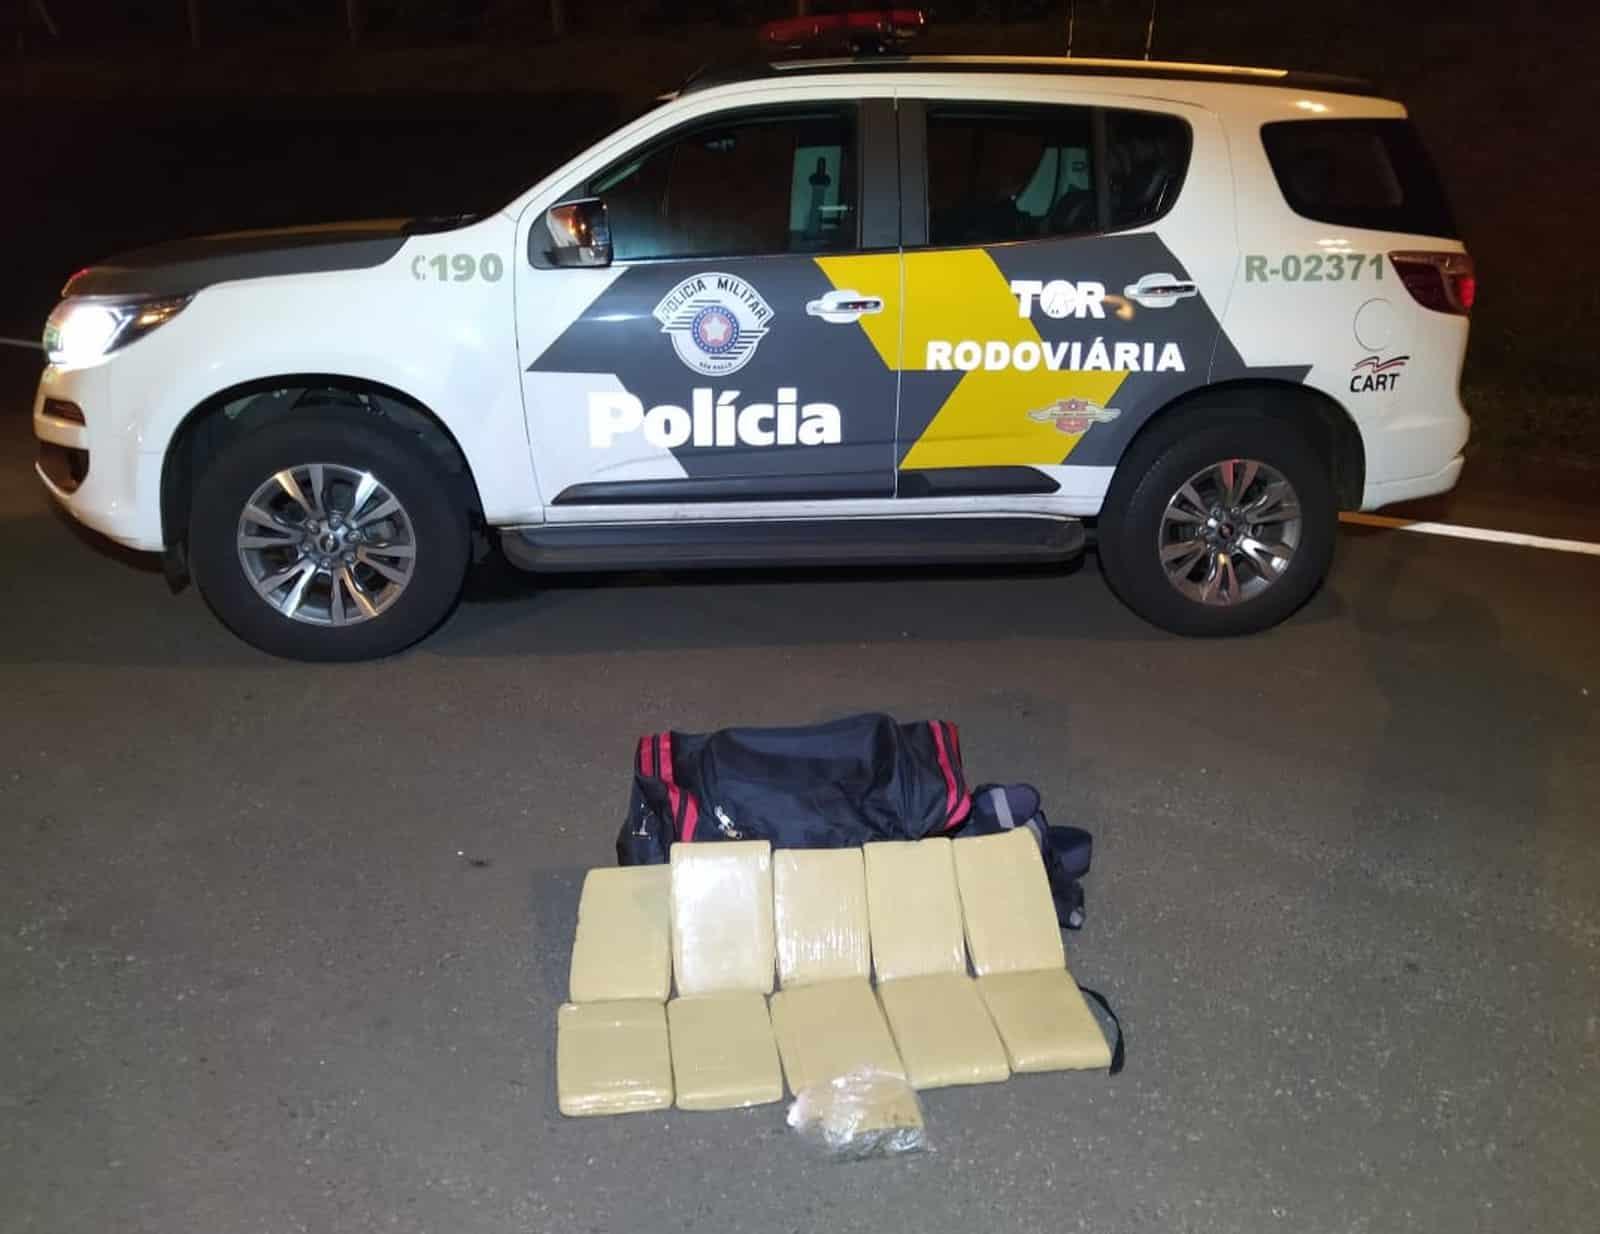 Homem é detido com 10 quilos de maconha escondida na bagagem em Santa Cruz do Rio Pardo — Foto: Divulgação/Polícia Rodoviária